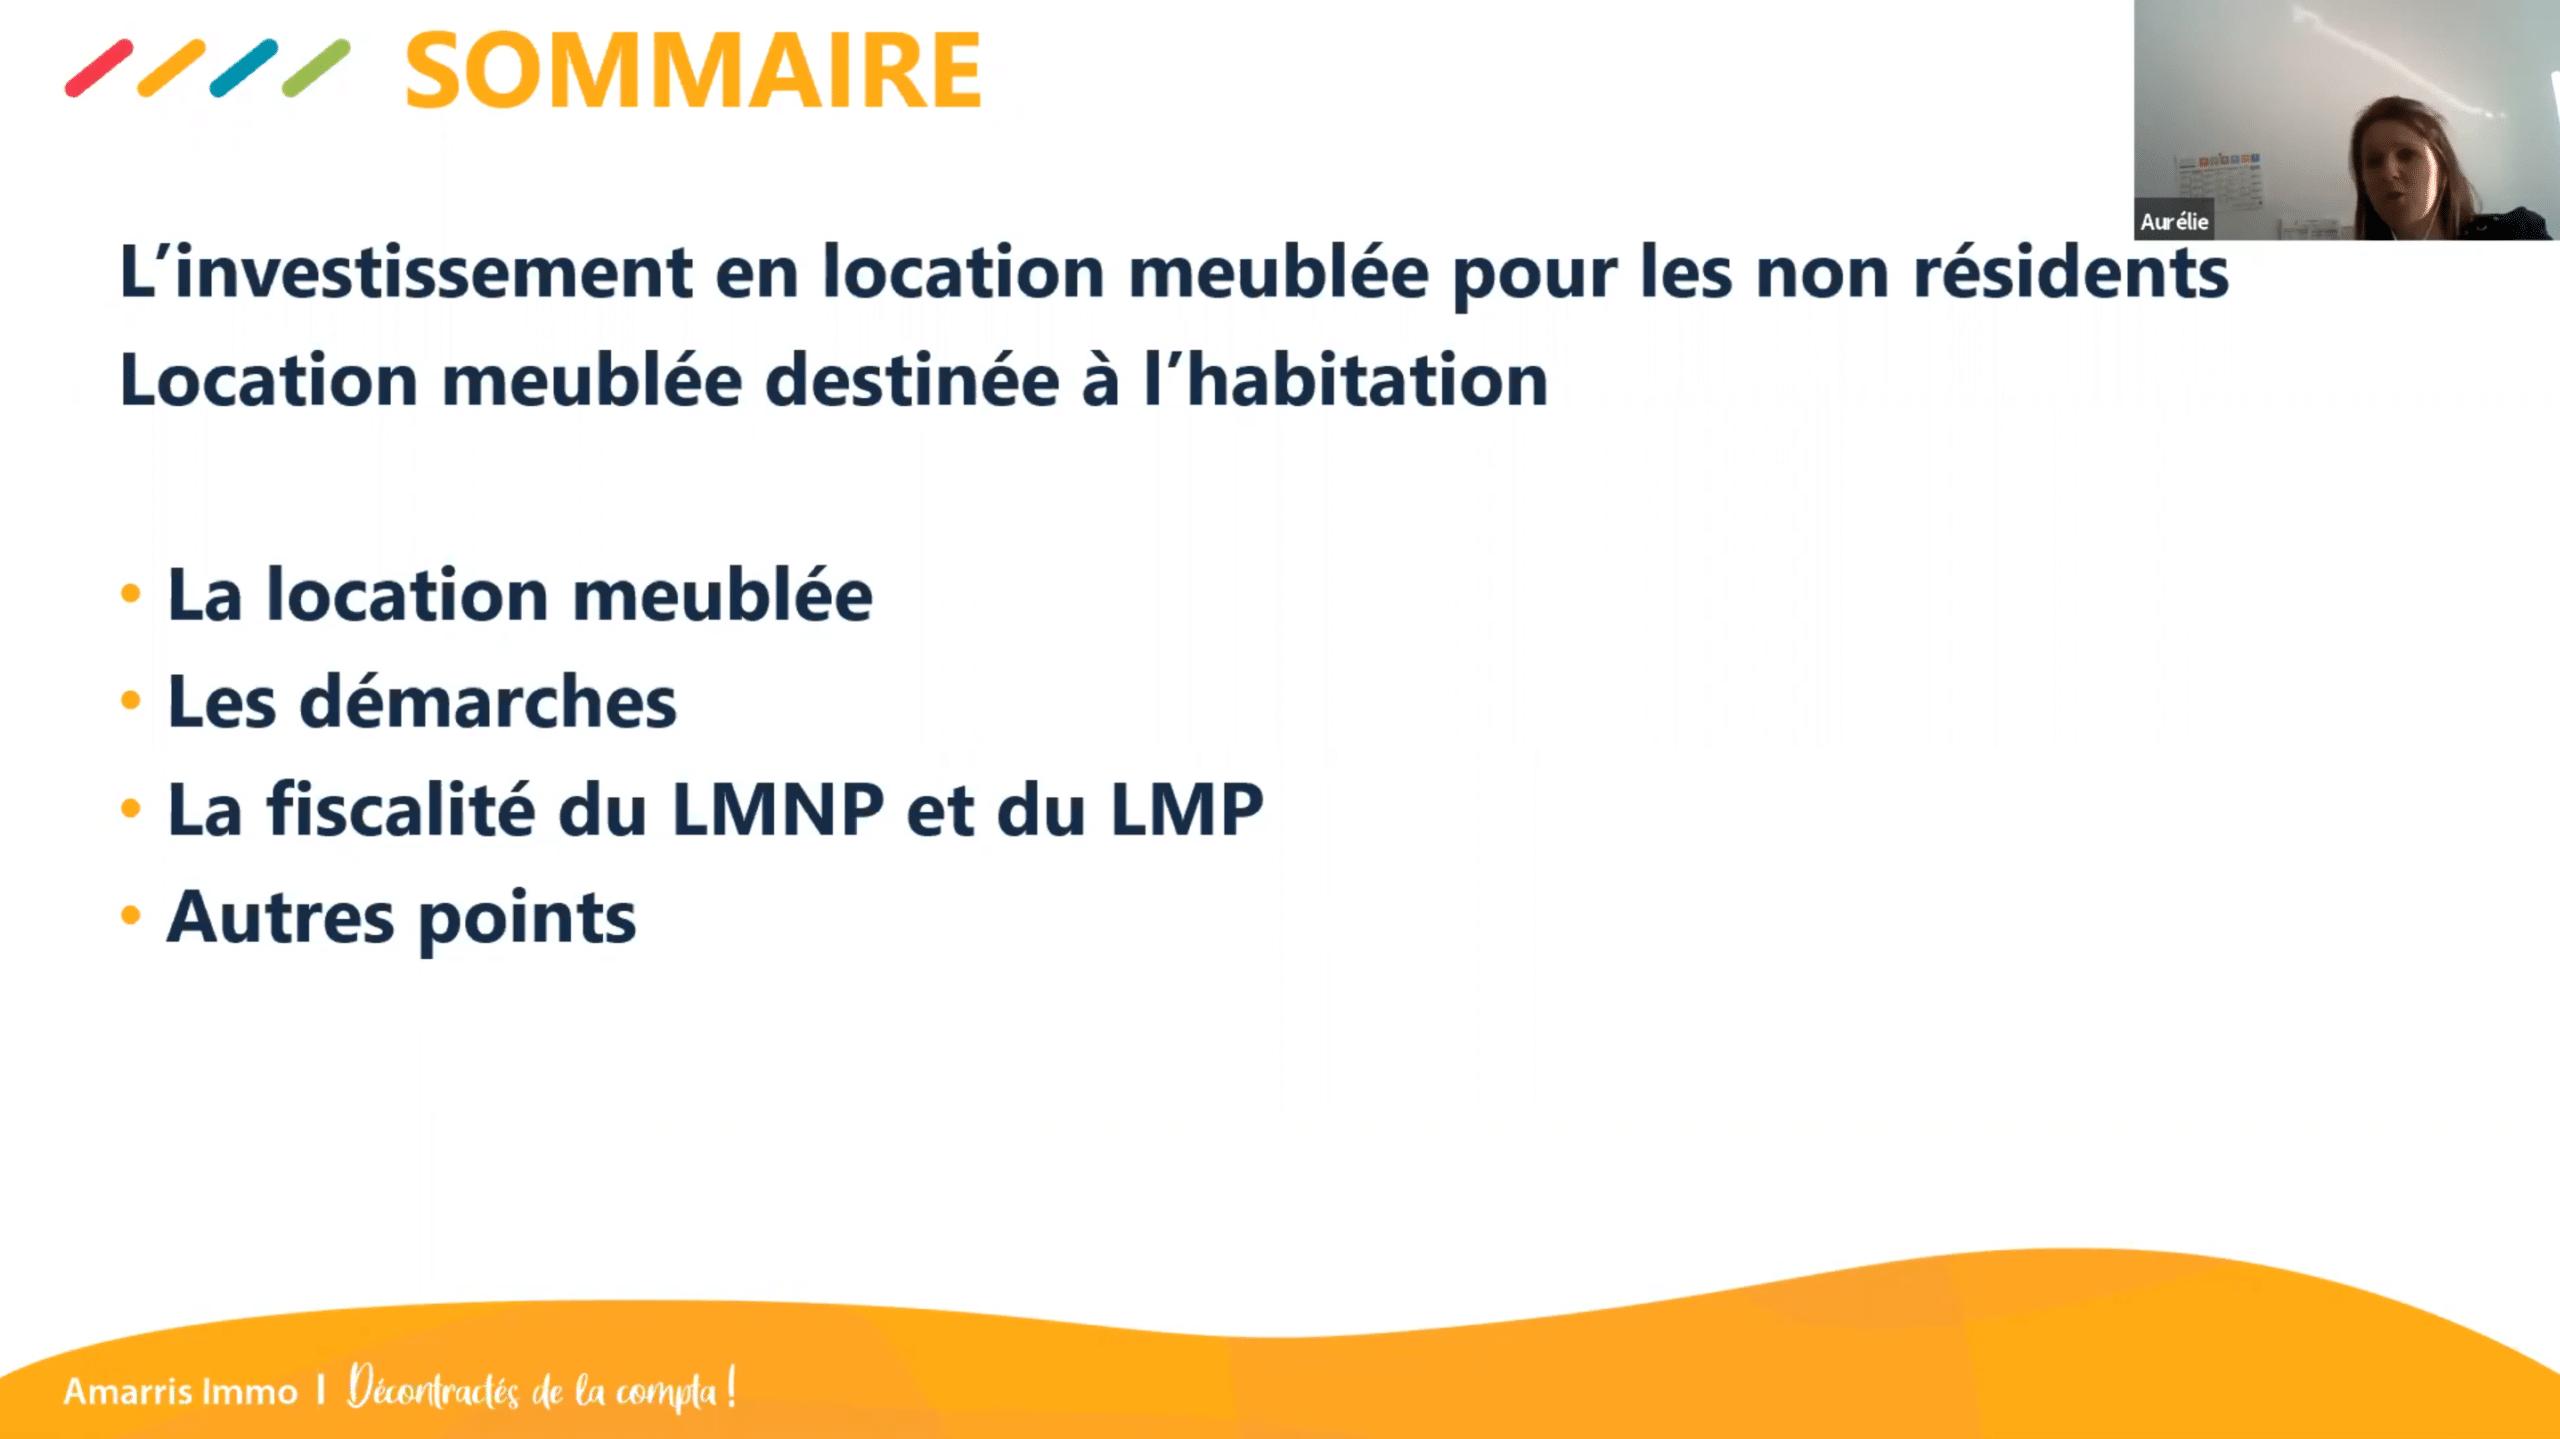 Replay Conference: Fiscalité LMNP LMP non-résidents 2020, évolution loi de finance 2020